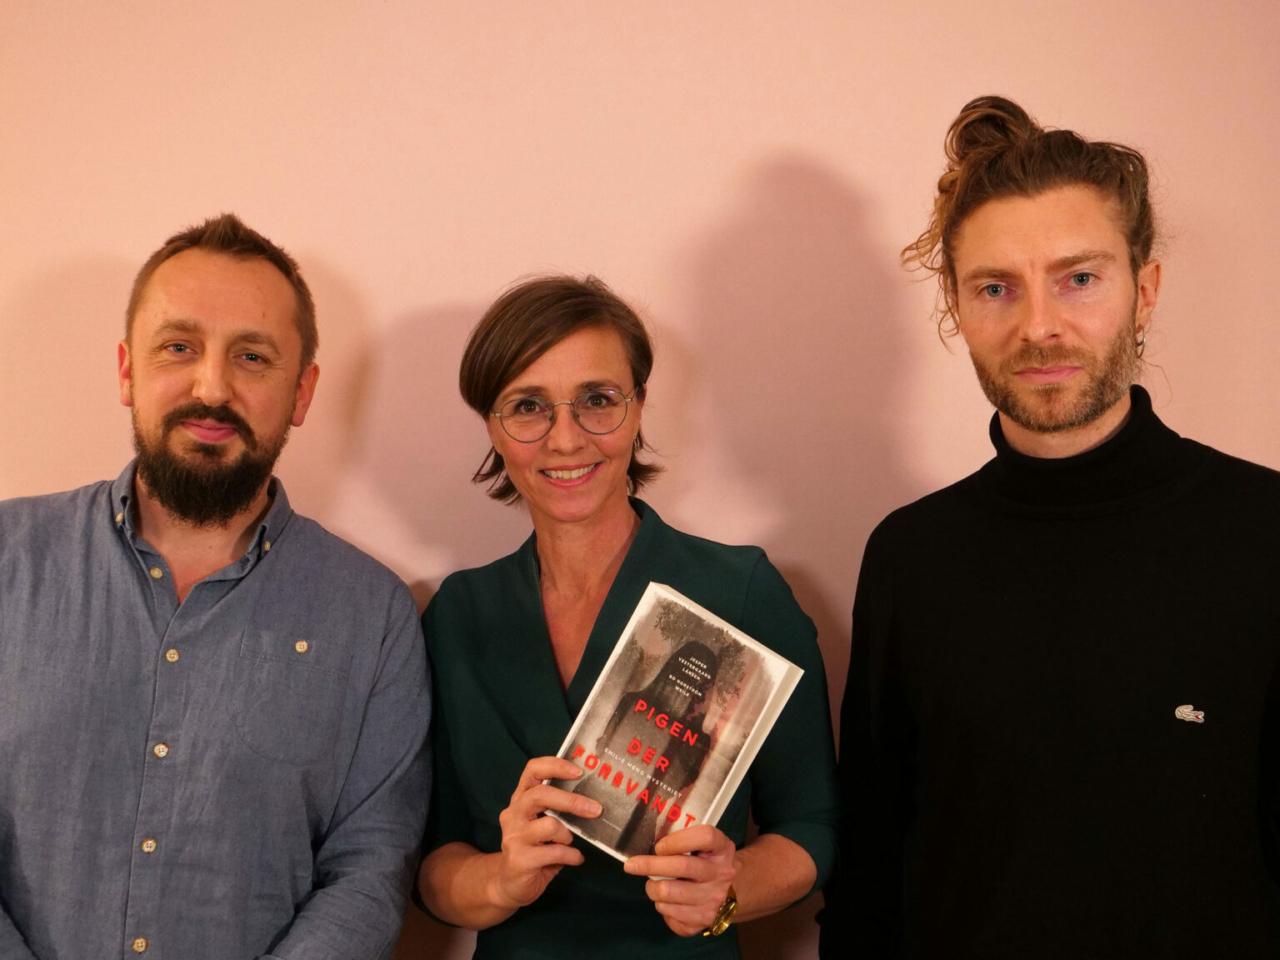 Bo Nordstrøm Weile, Marie Louise Toksvig og Jesper Vestergaard Larsen til Storydays